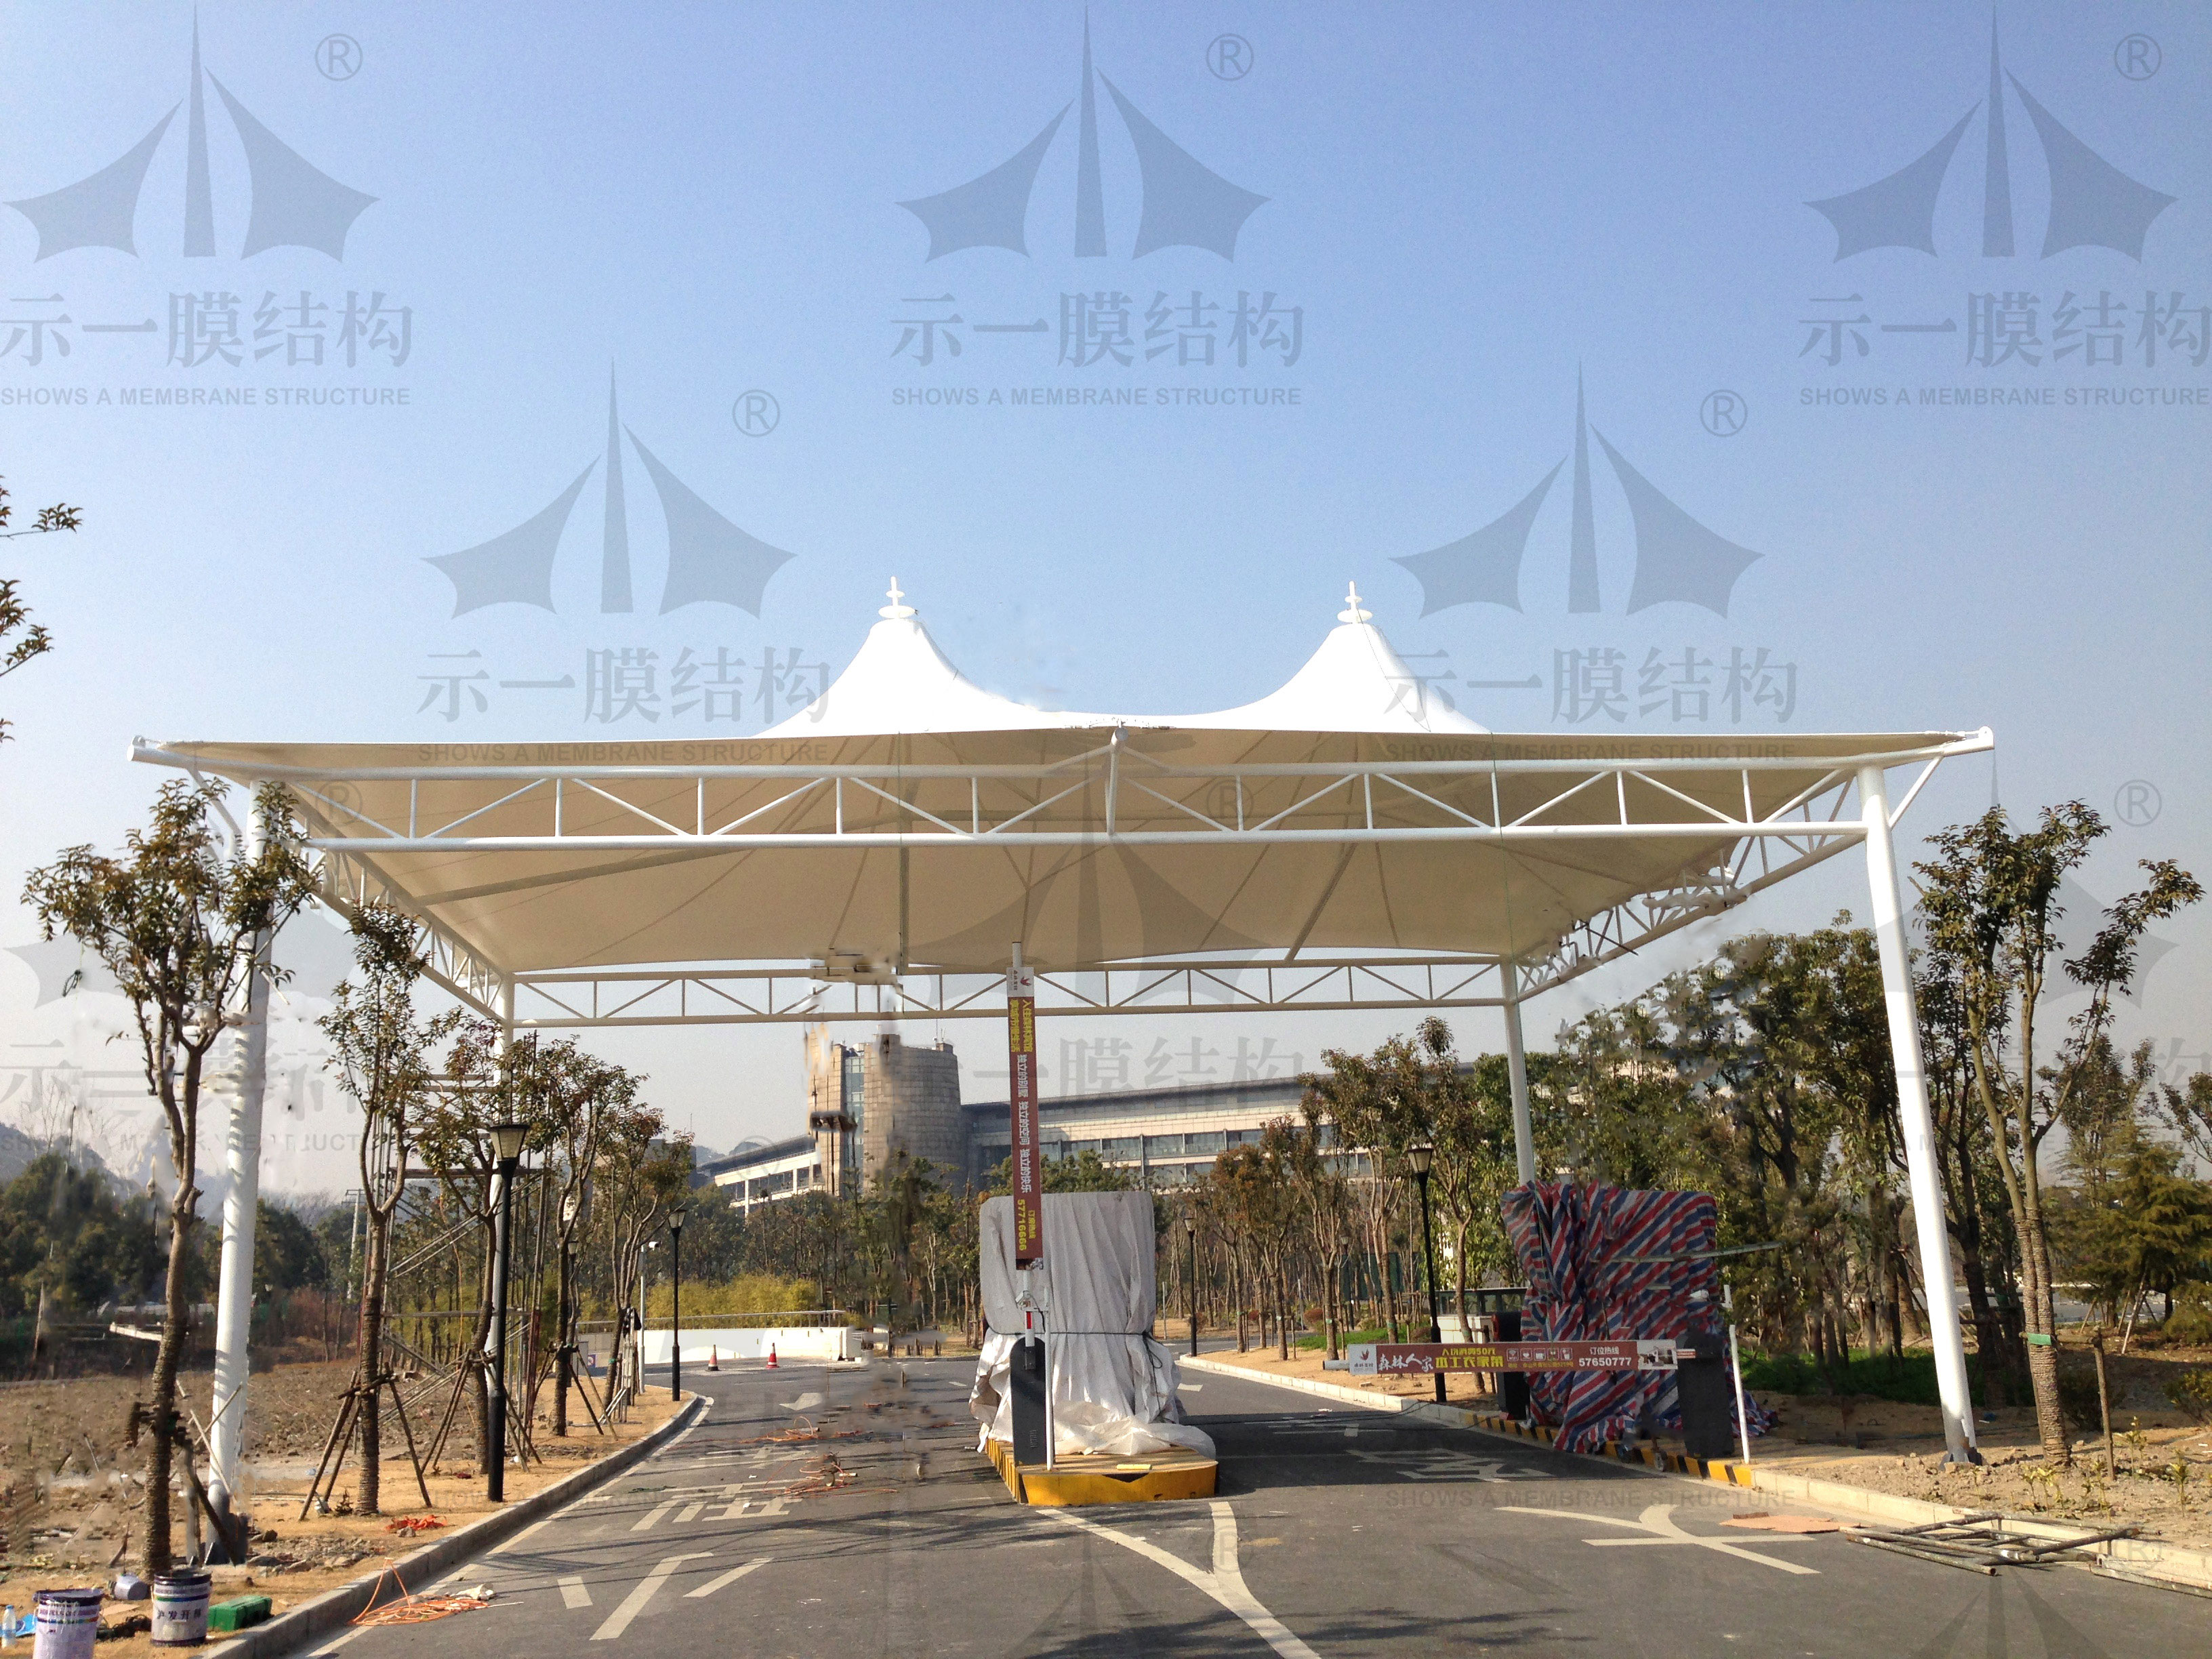 上海示一膜结构松江月湖公园膜结构雨棚